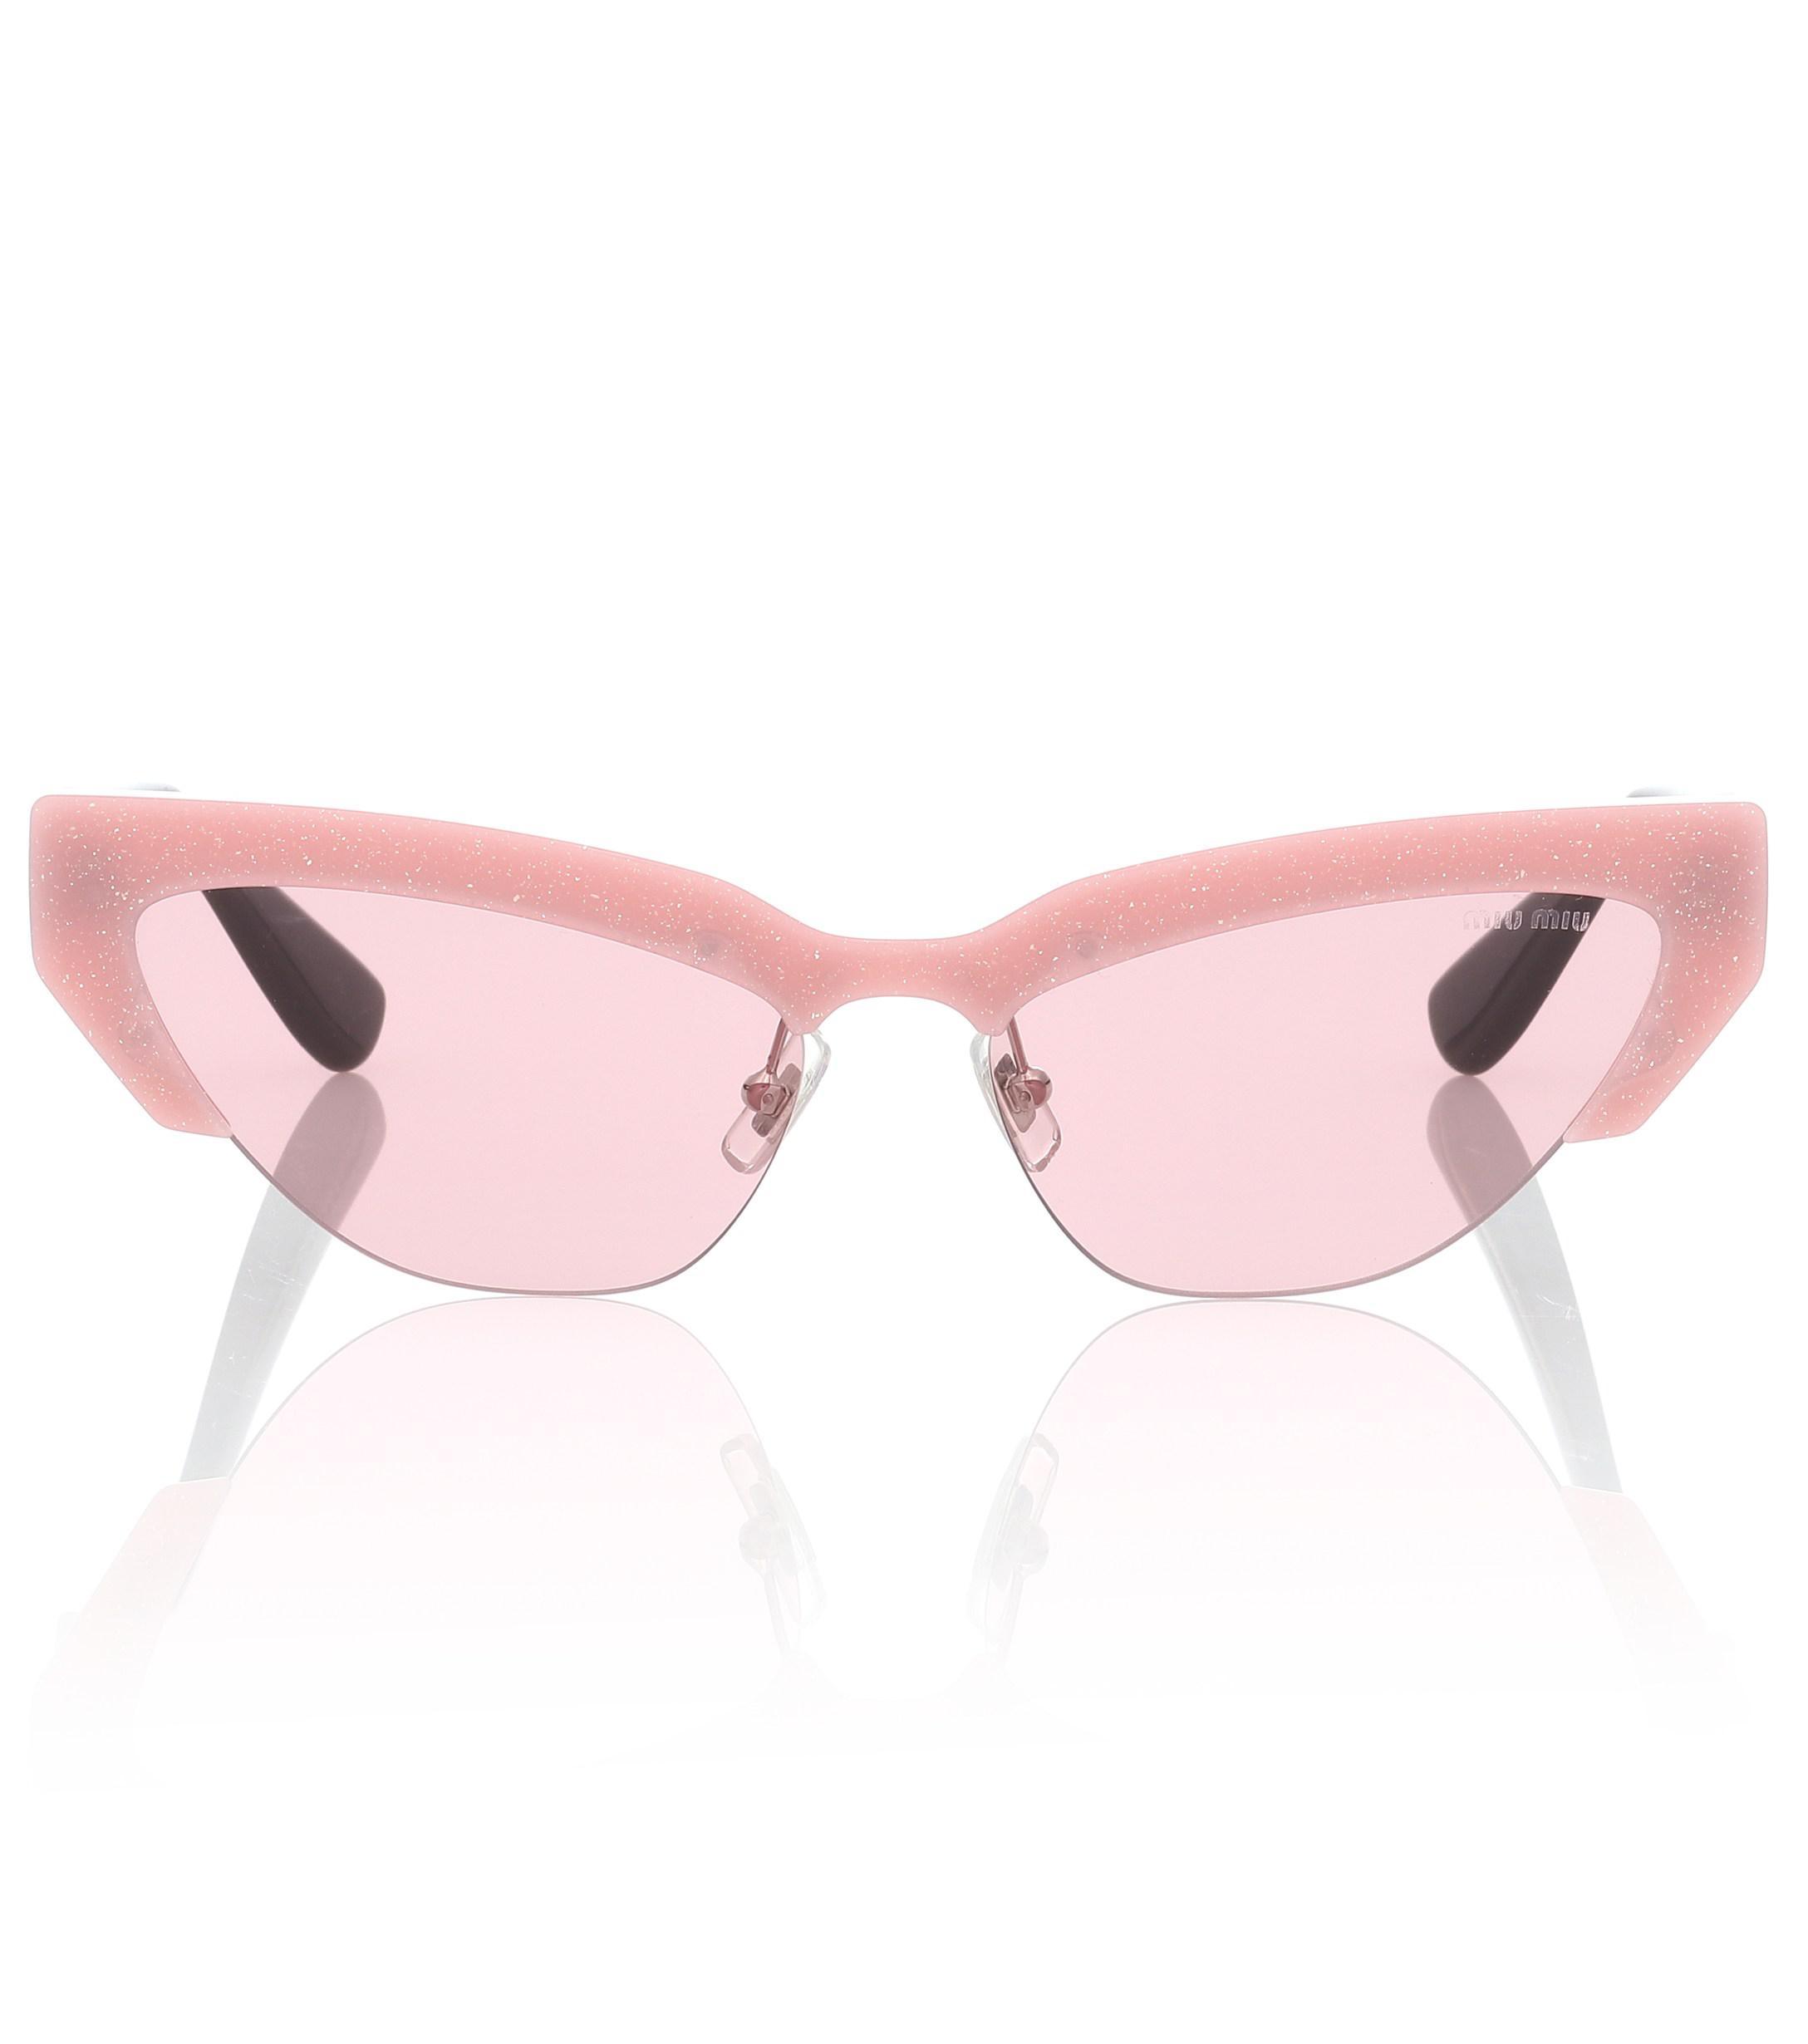 847c8bf7d17 Lyst - Miu Miu Cat-eye Sunglasses in Pink